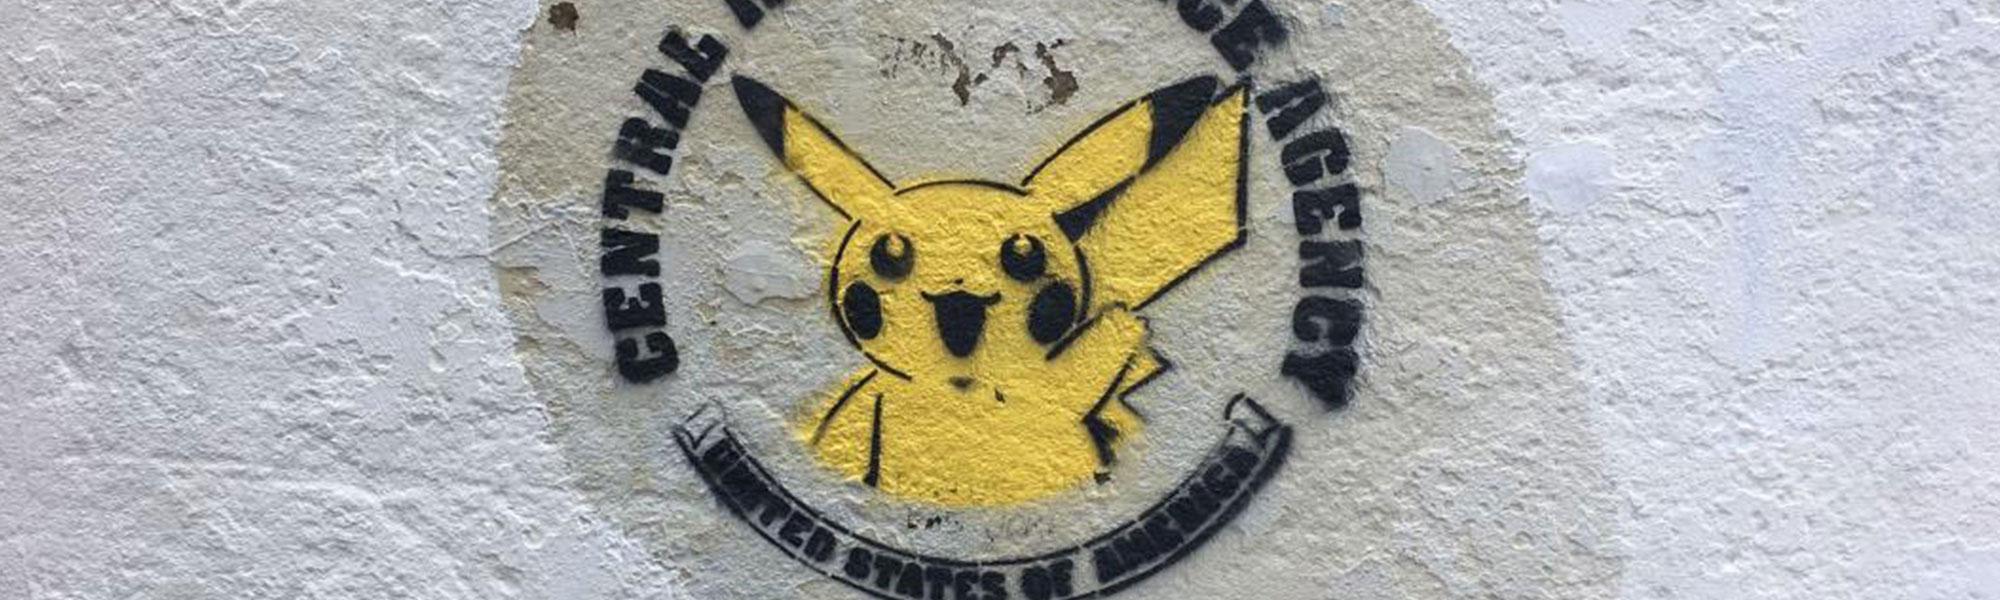 Pikachu nog aan toe